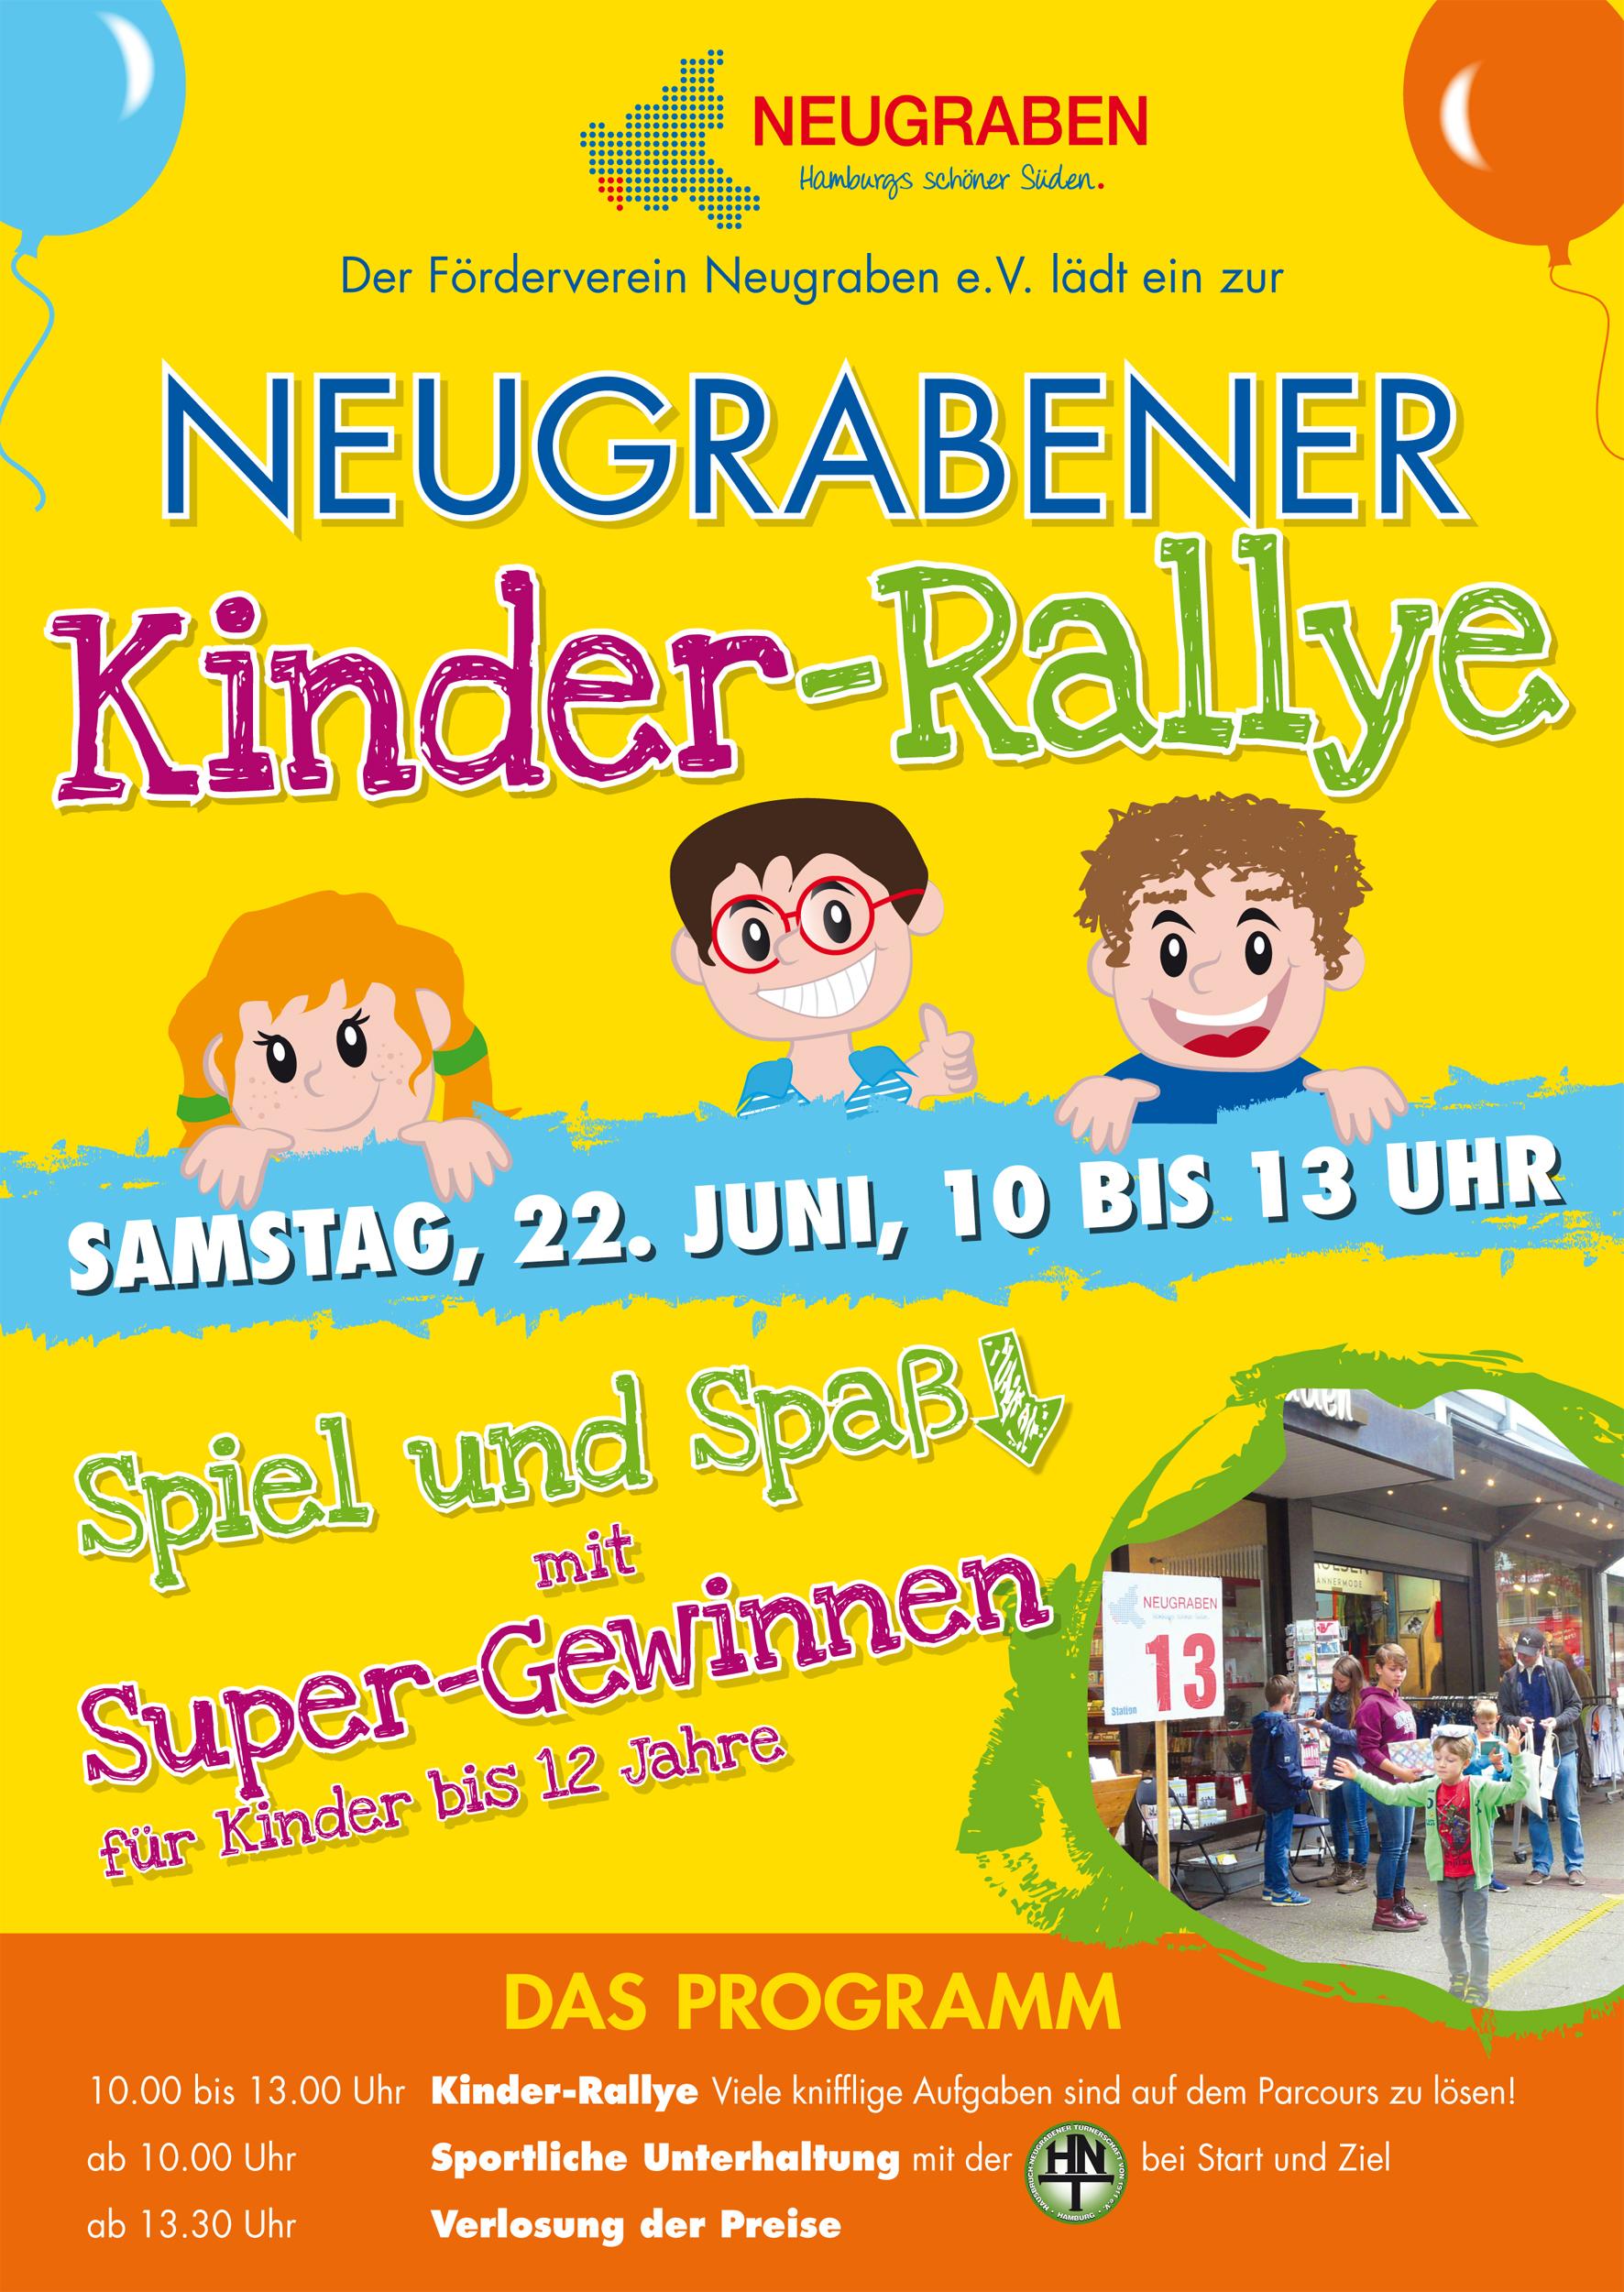 Kinder-Rallye 2019